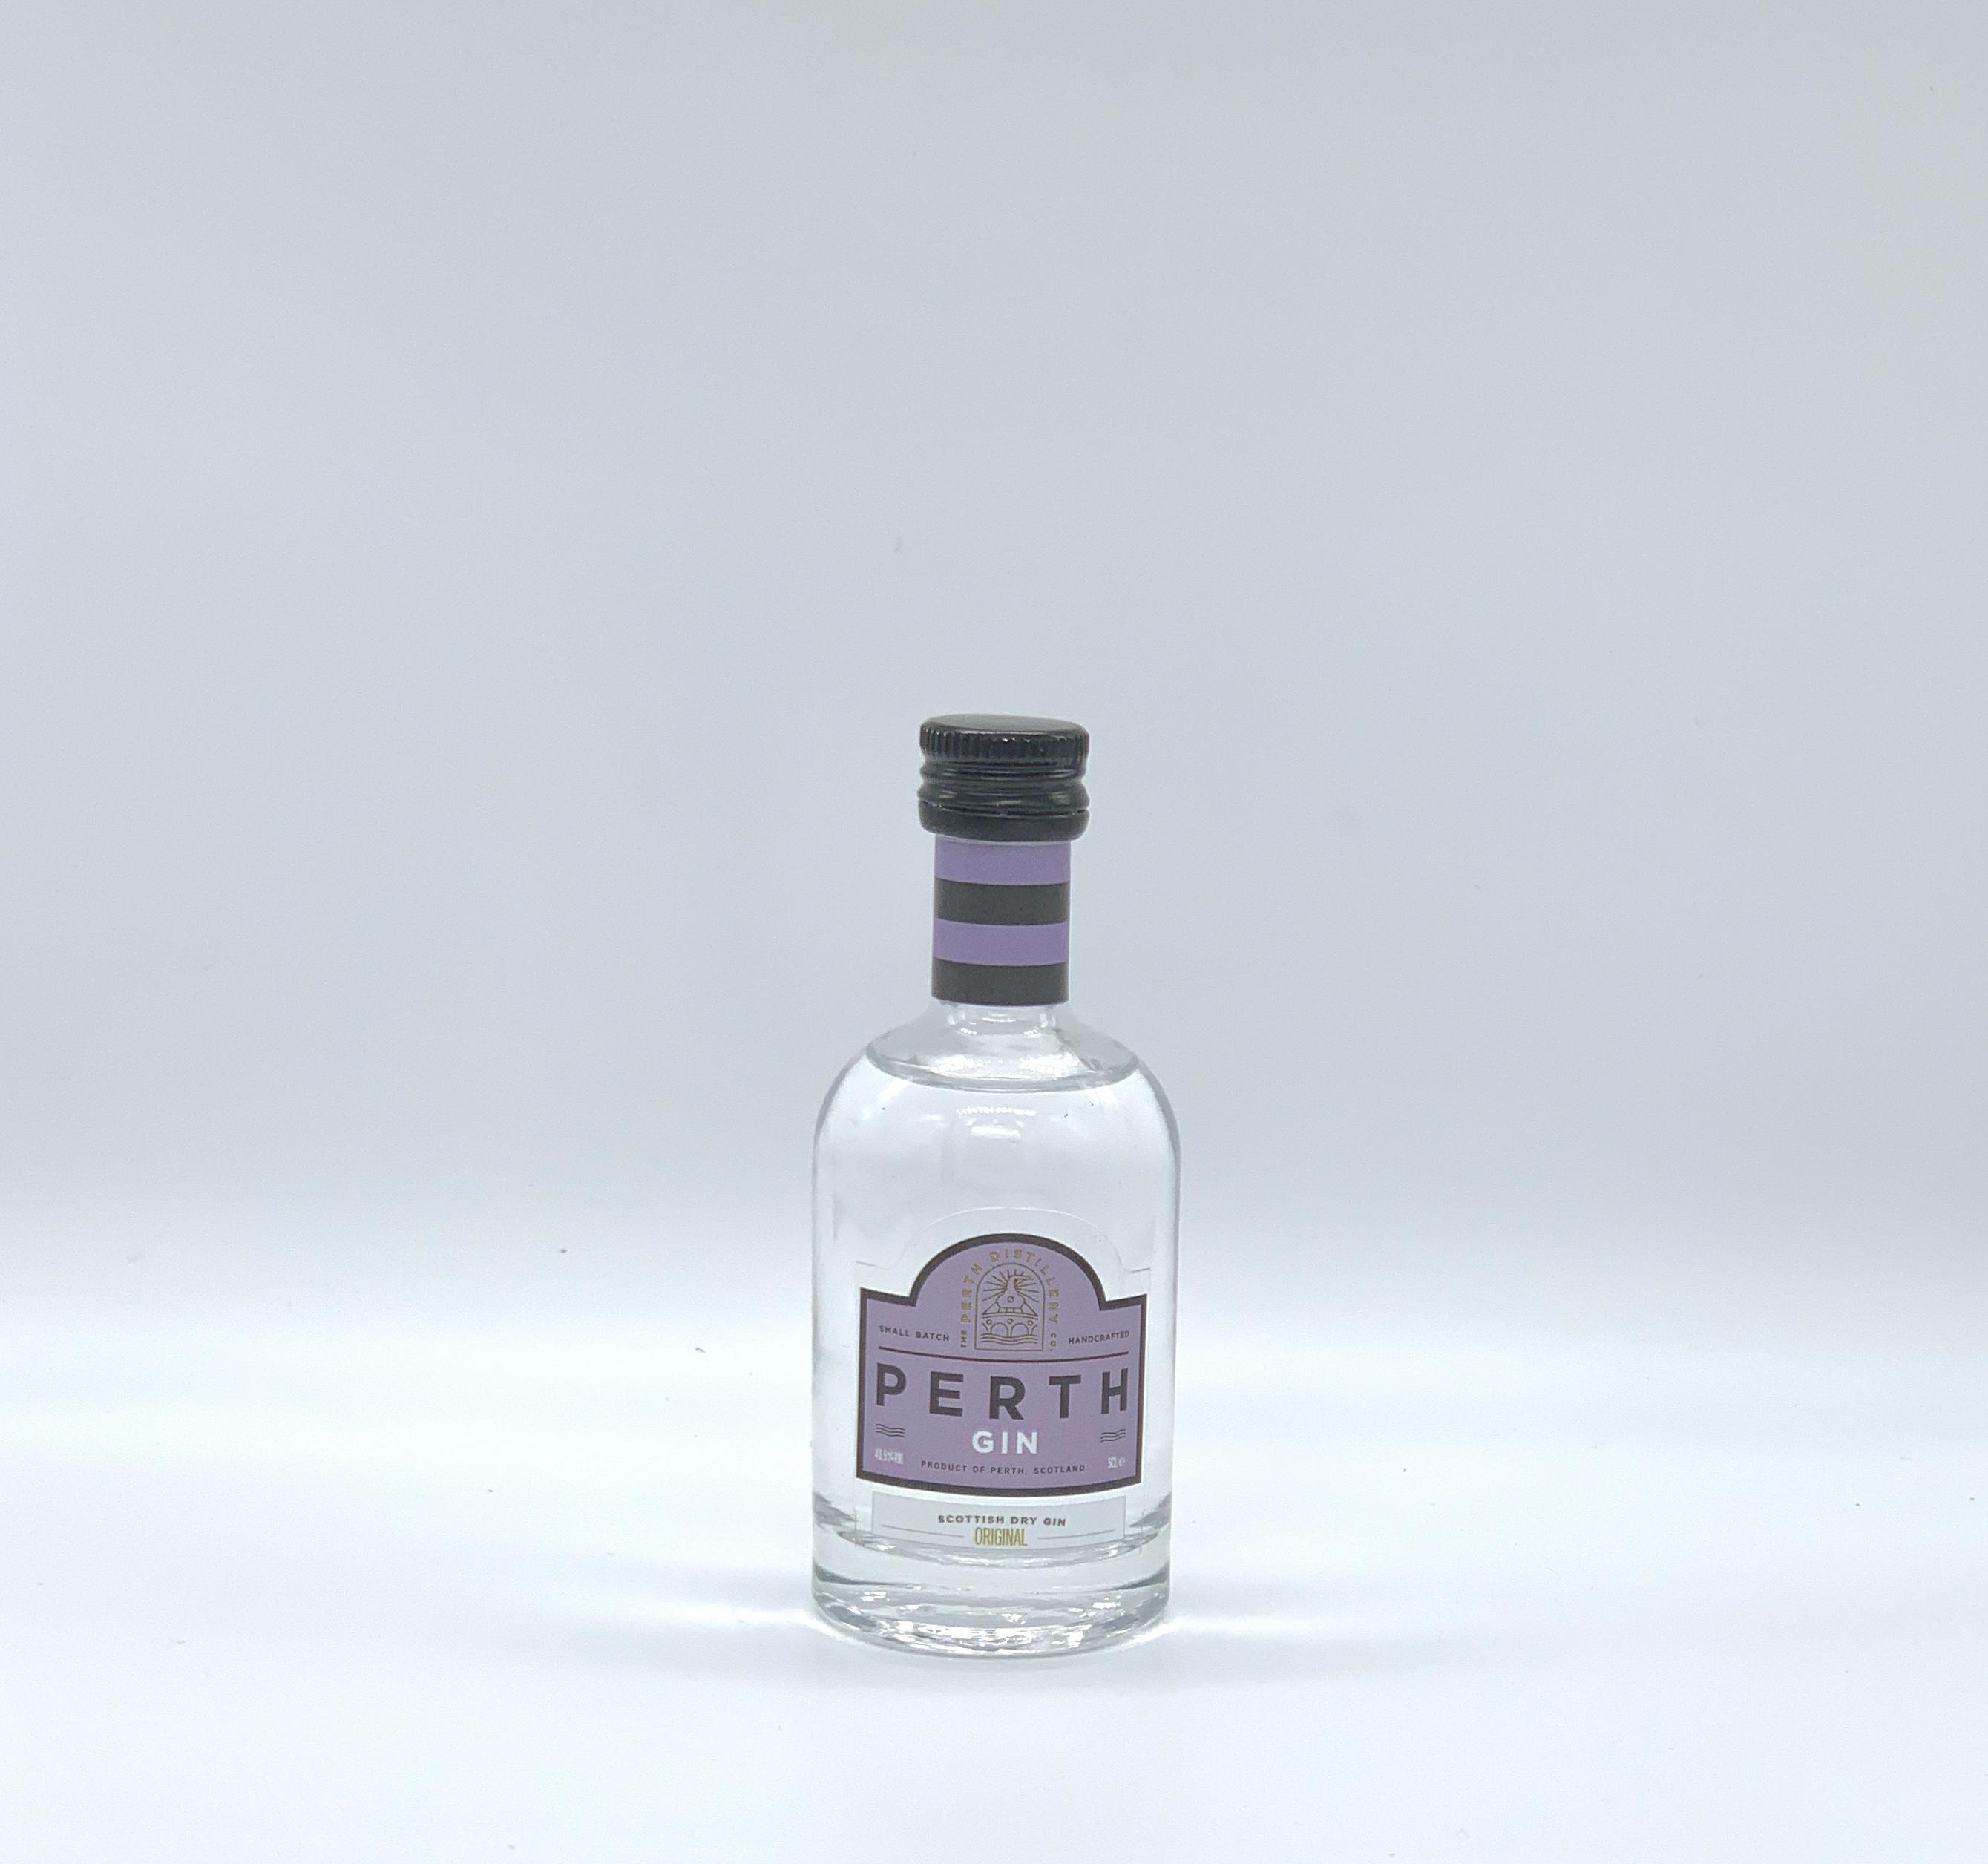 Perth Gin 5cl